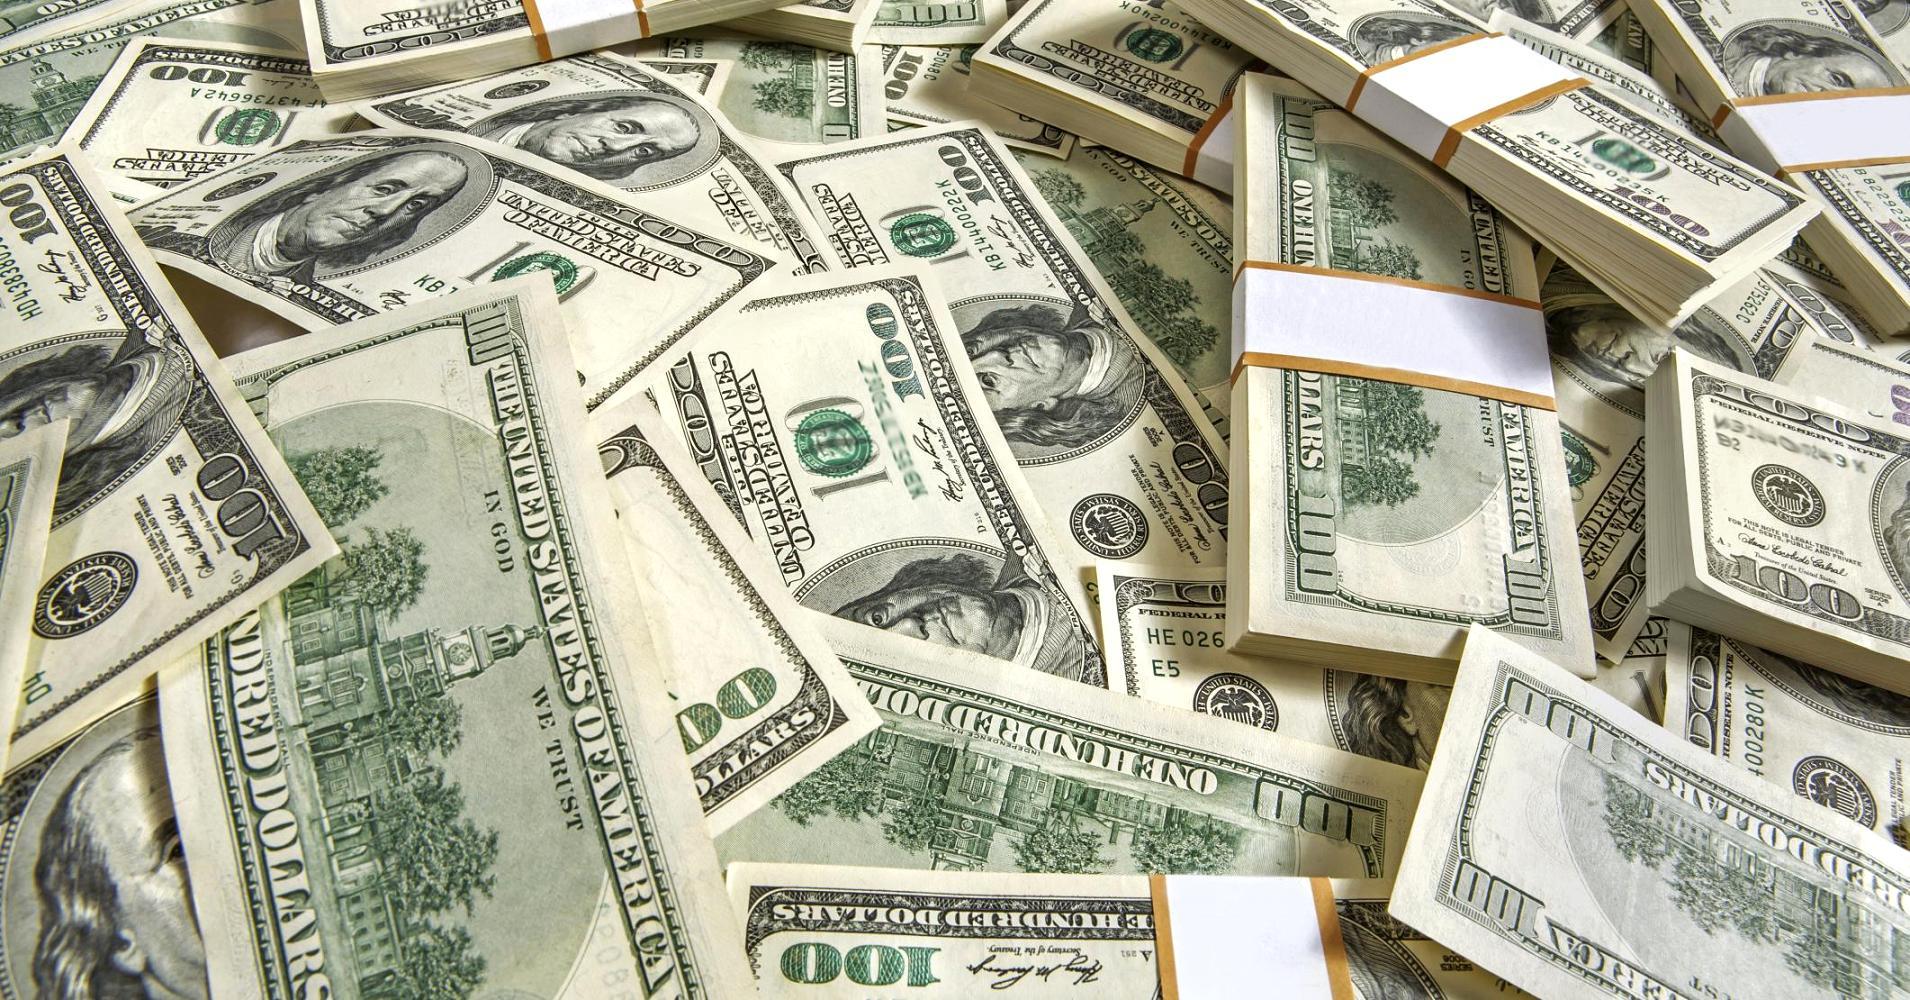 انخفاض الدولار لأدنى مستوى في سبعة أسابيع مع انحسار توقعات رفع الفائدة الأمريكية